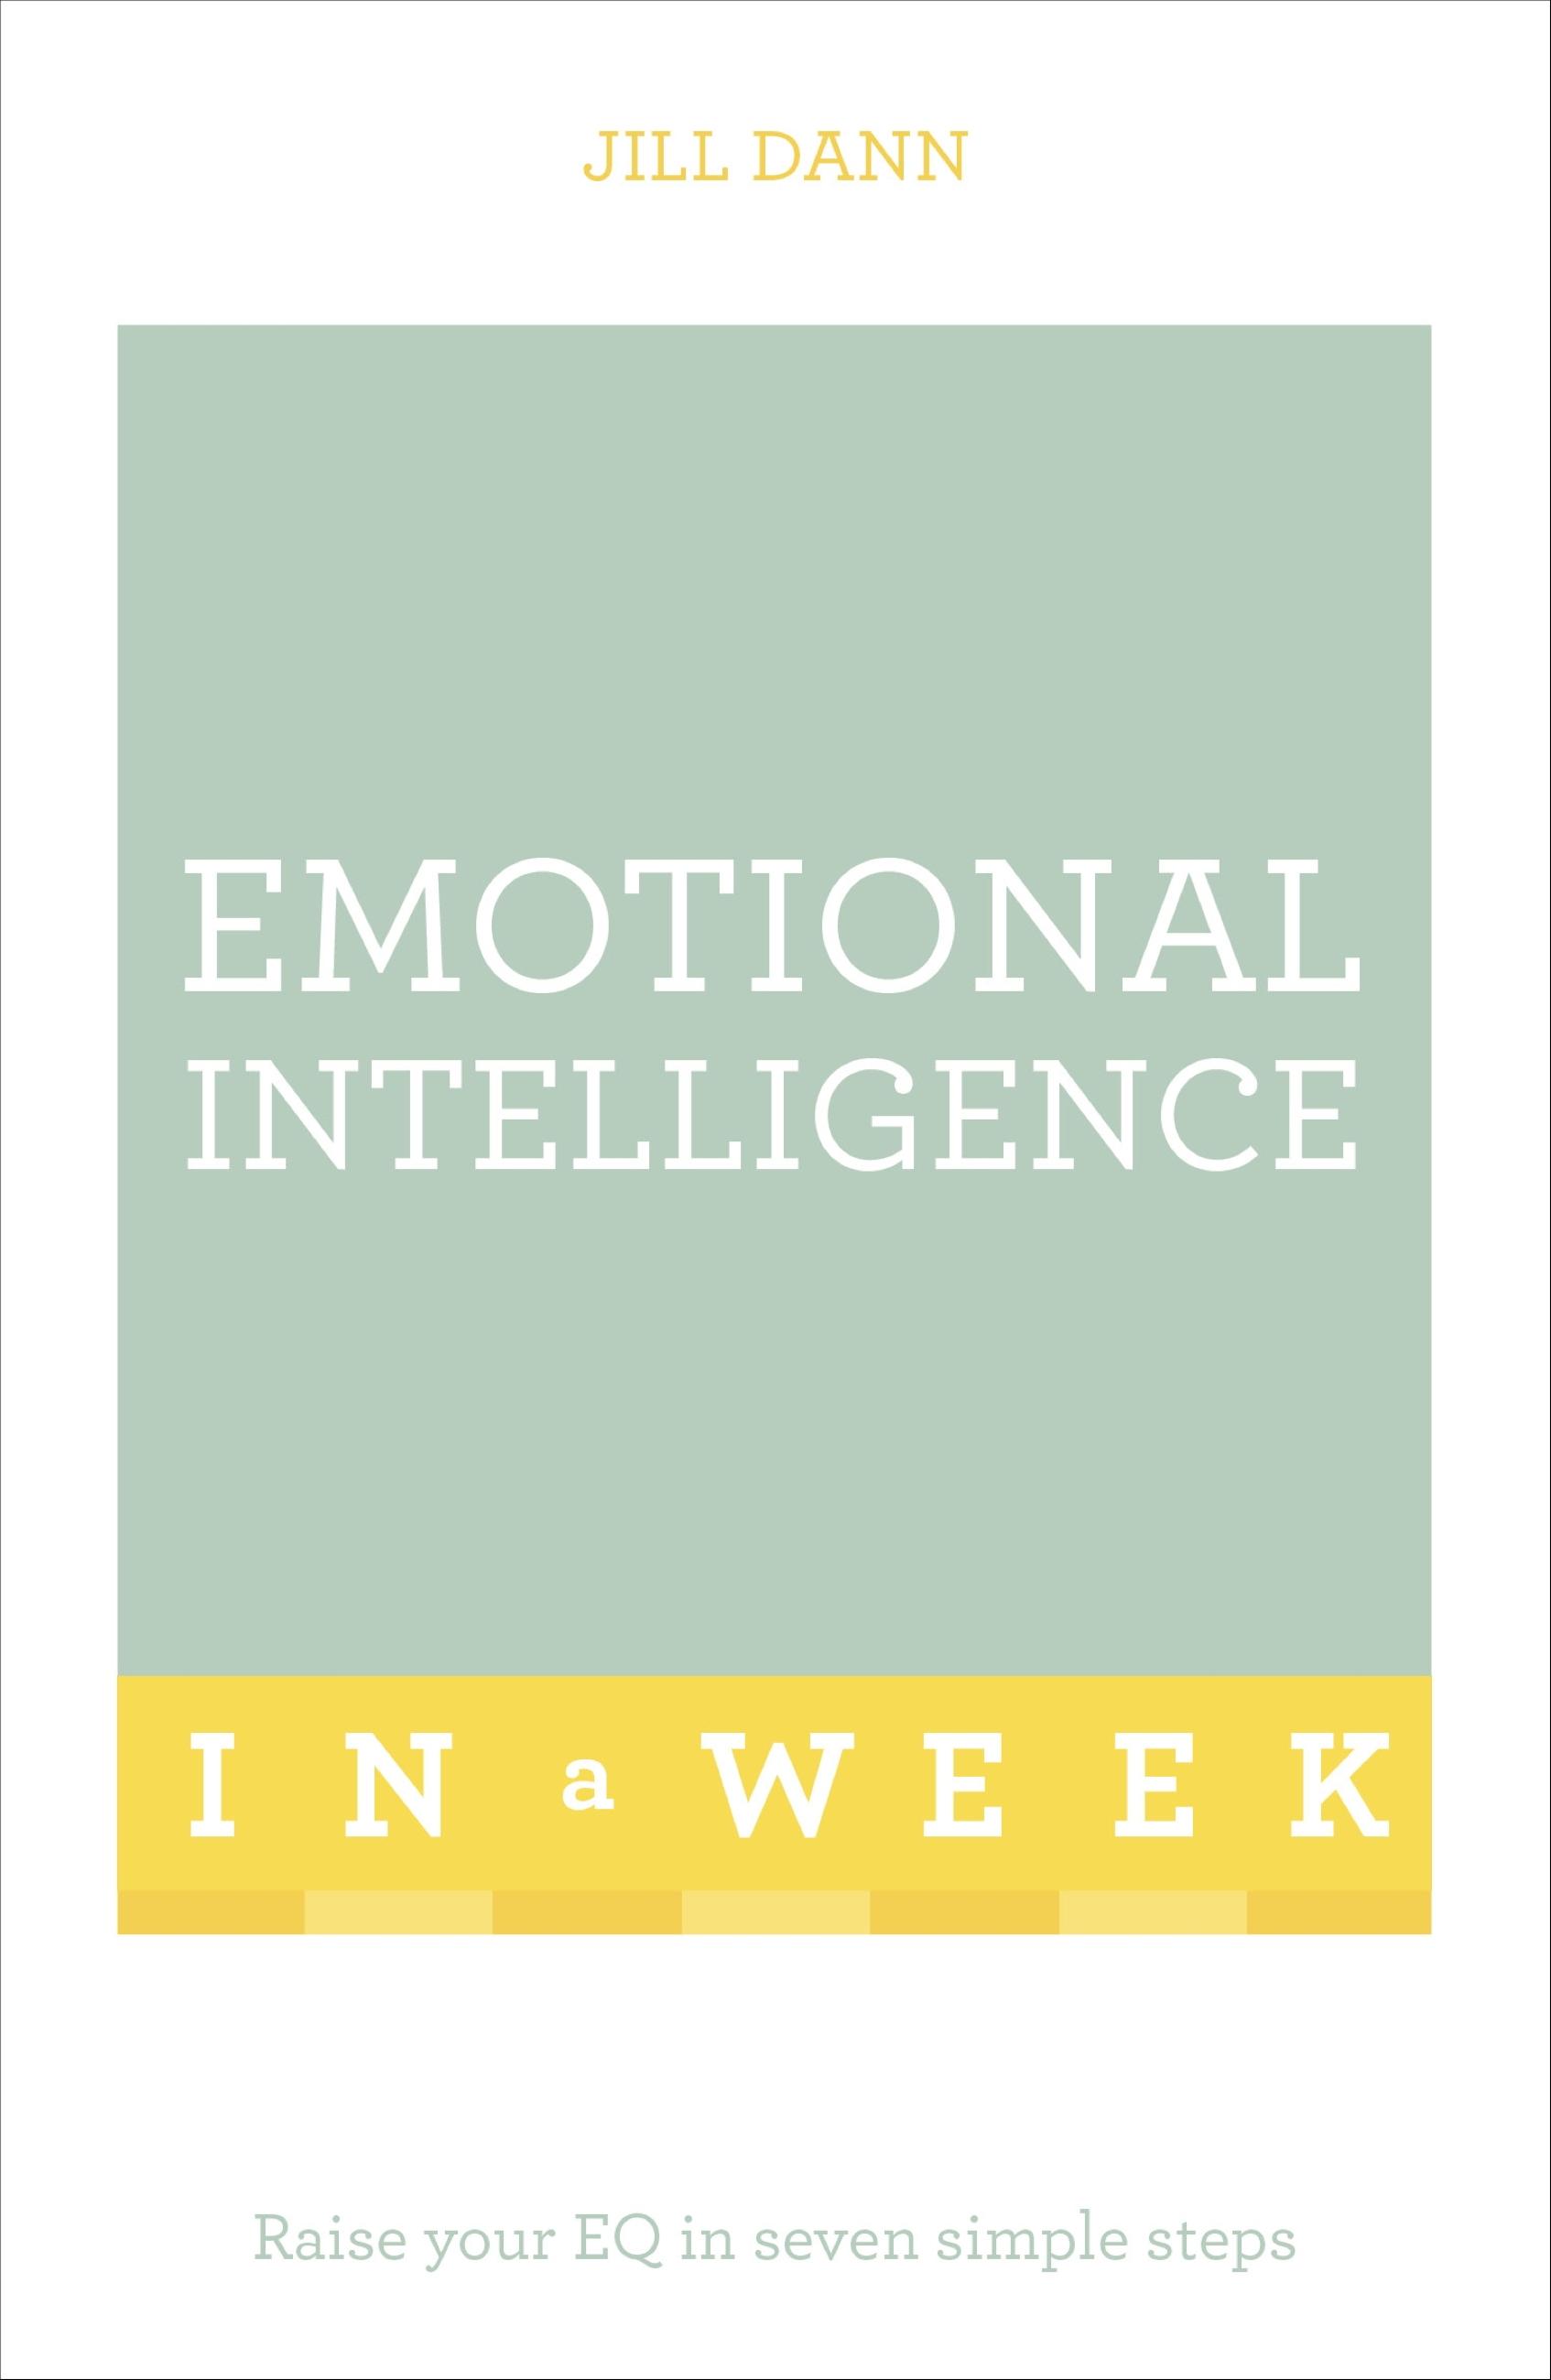 Download Ebook Emotional Intelligence In A Week by Jill Dann Pdf